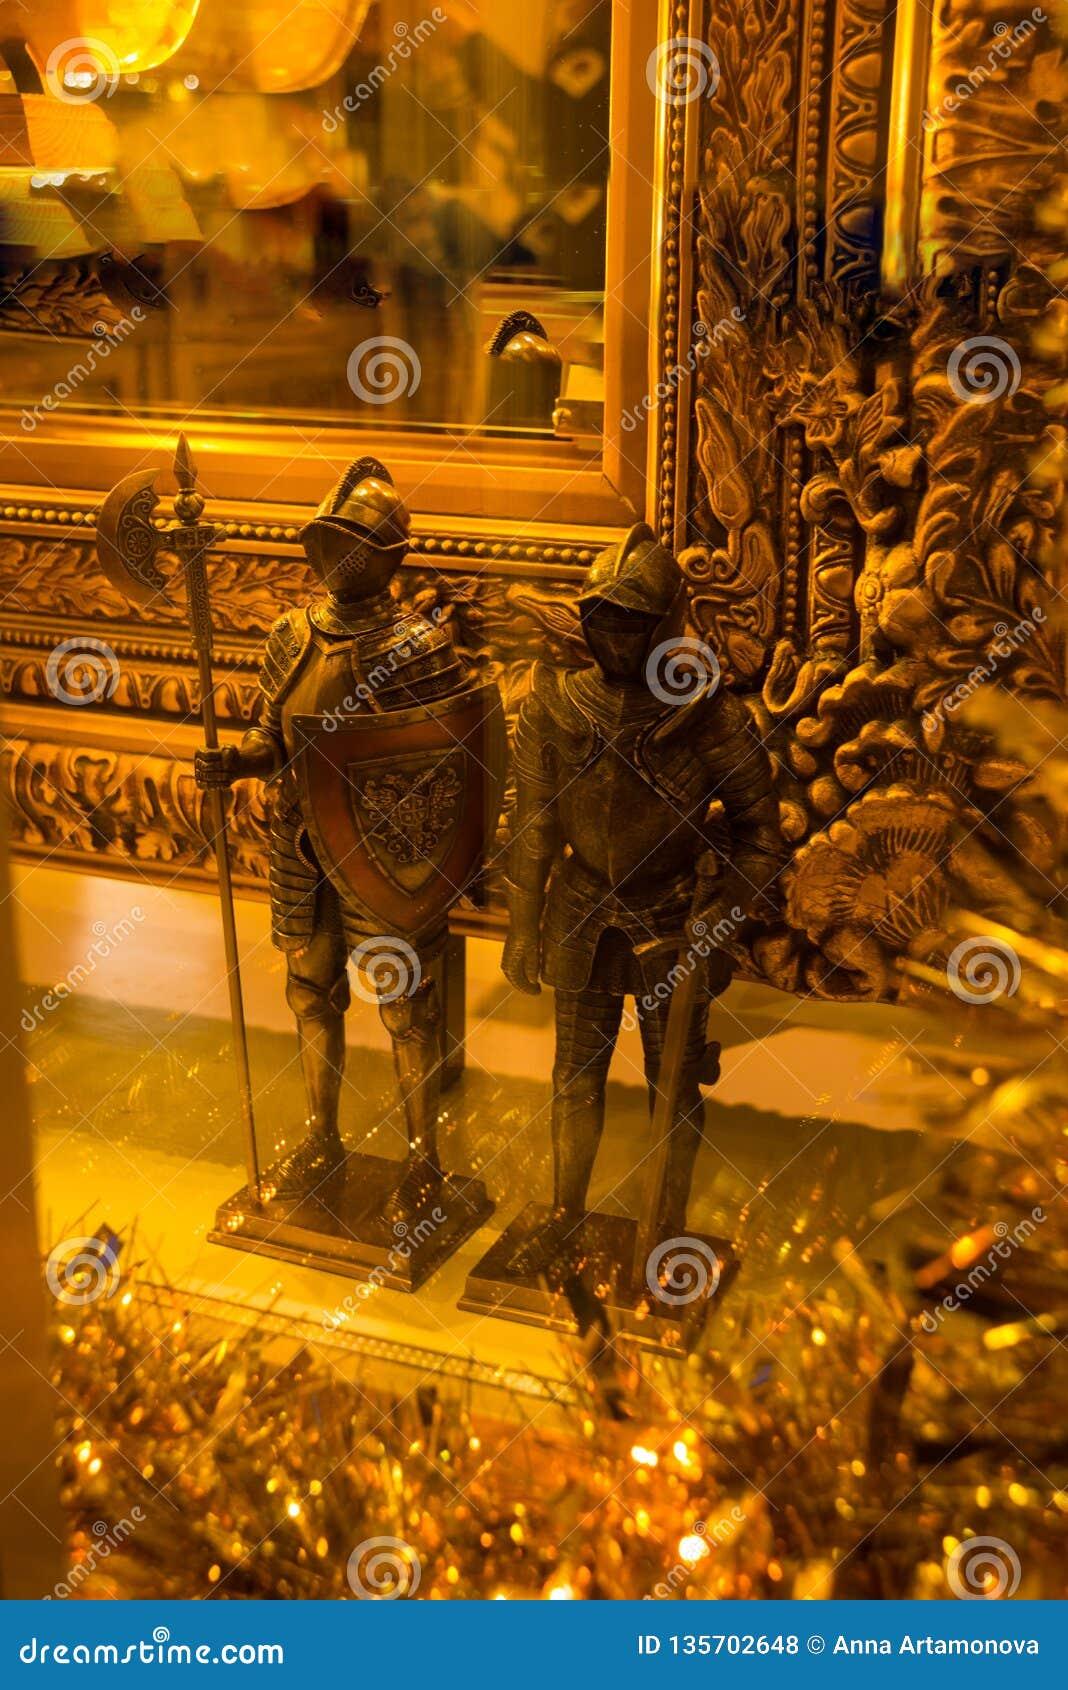 Ταλίν, Εσθονία: Αγάλματα των χρυσών μεσαιωνικών ιπποτών στο κατάστημα αναμνηστικών